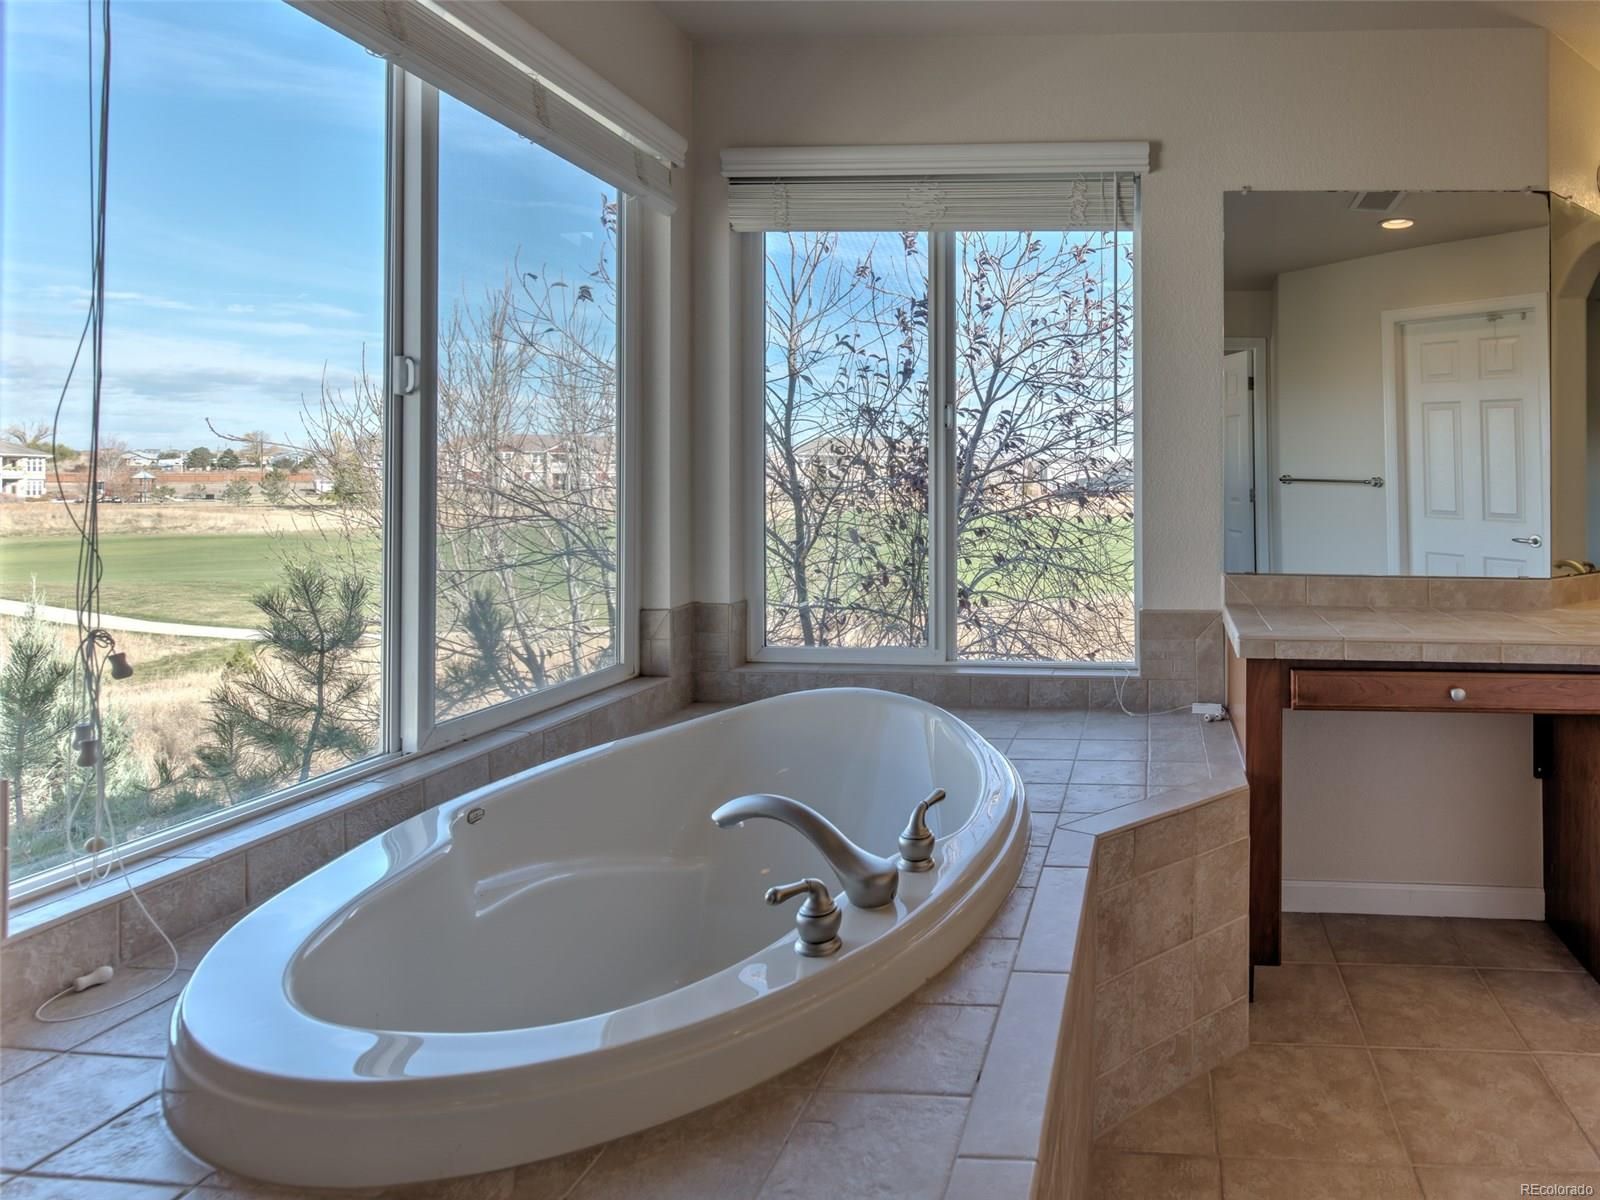 Luxury Soaking Tub!